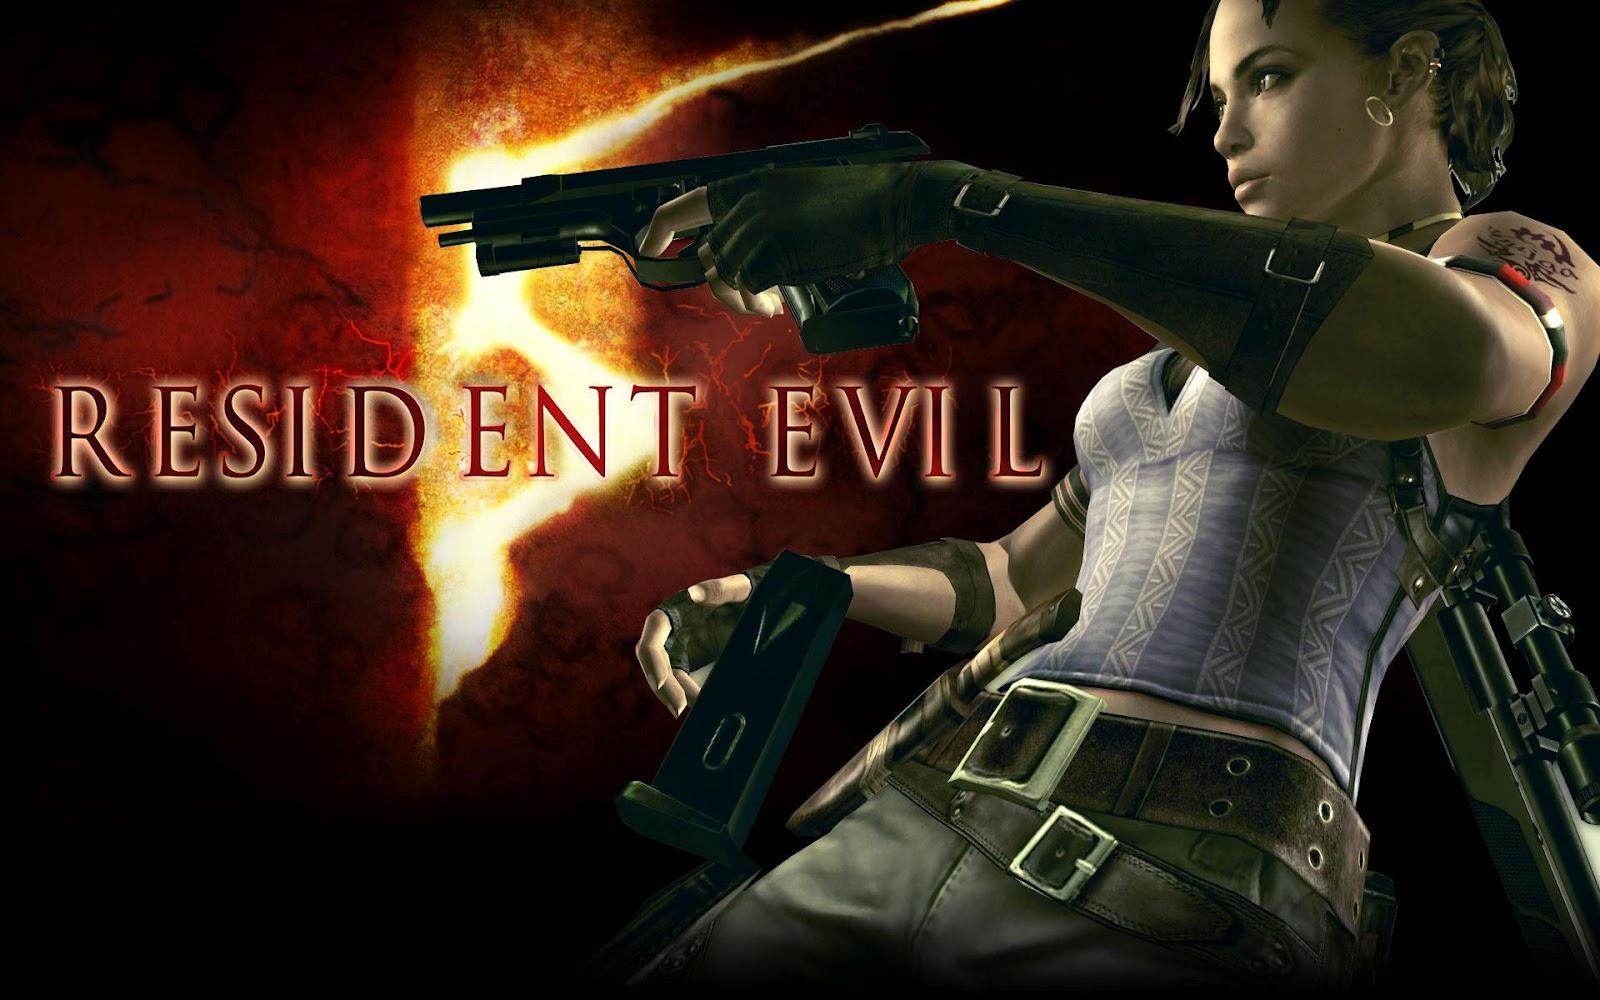 http://3.bp.blogspot.com/-AywgA3J1ooI/UDwwVUChPkI/AAAAAAAAAYA/vuvCuy4Zyc4/s1600/resident_evil_5_2-wide.jpg